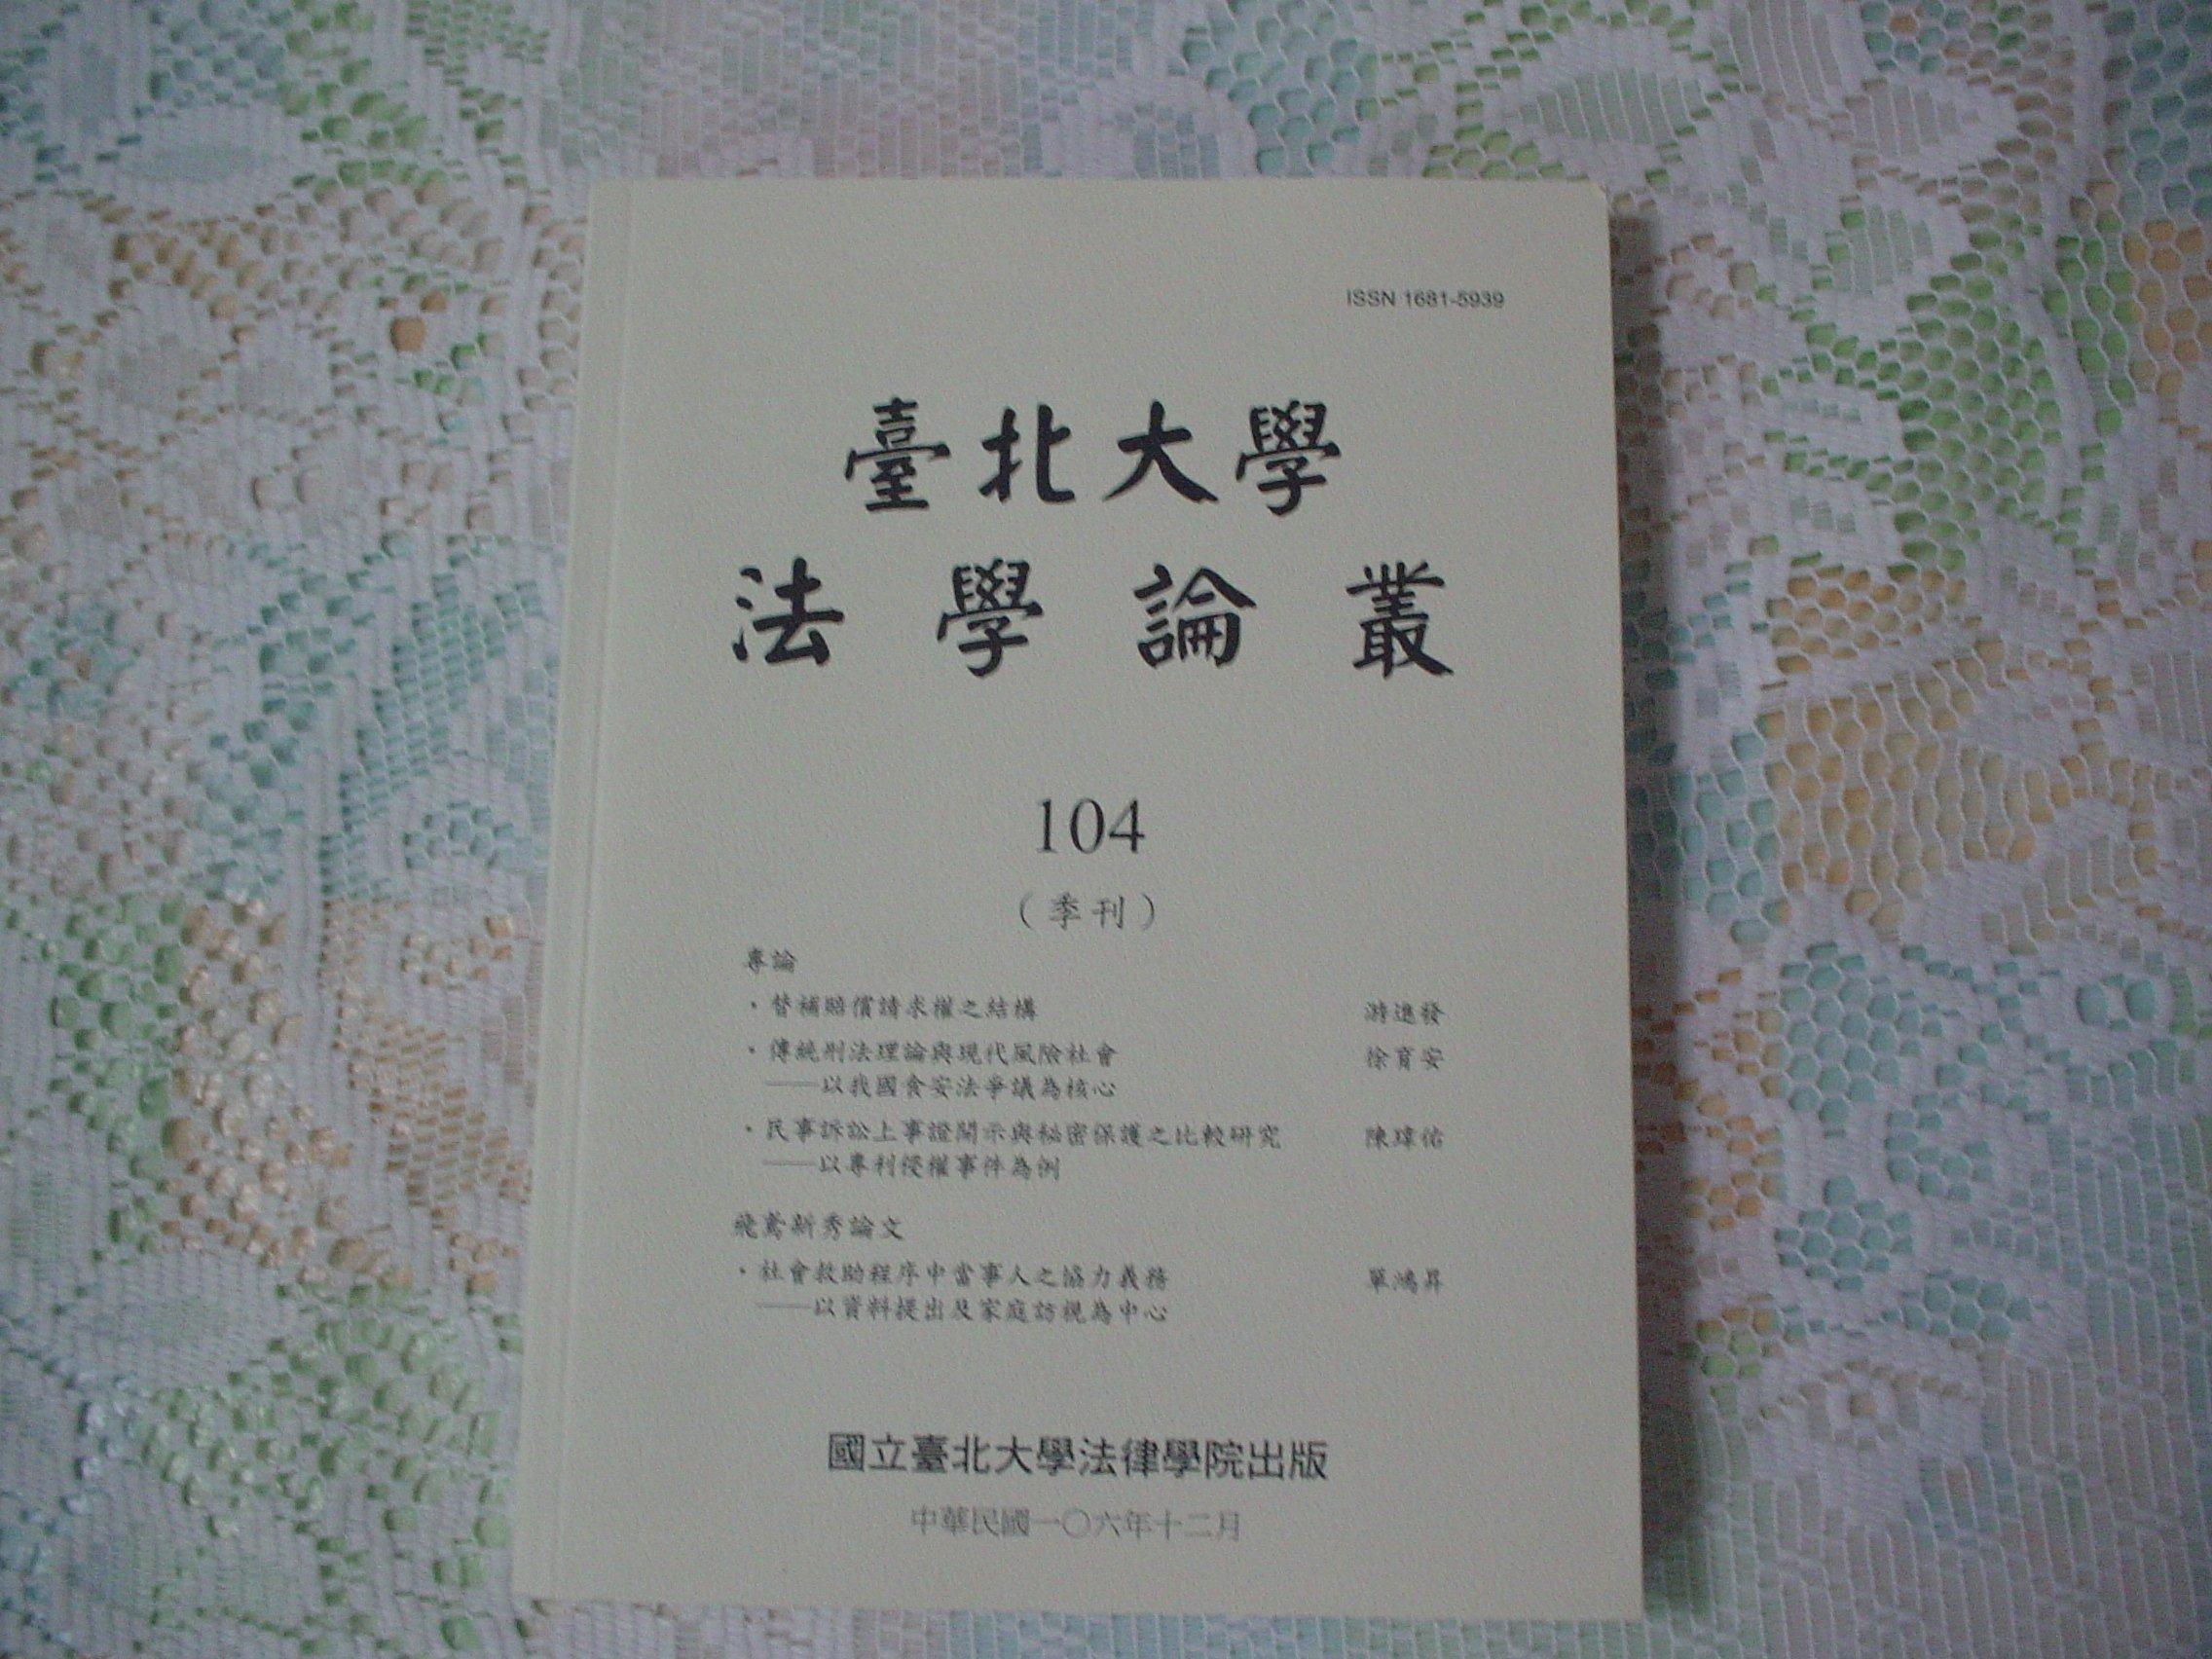 台北大學法學論叢 第104期(季刊) 106年12月 書況為實品拍攝,無標記,如新(如圖)【M6.28】